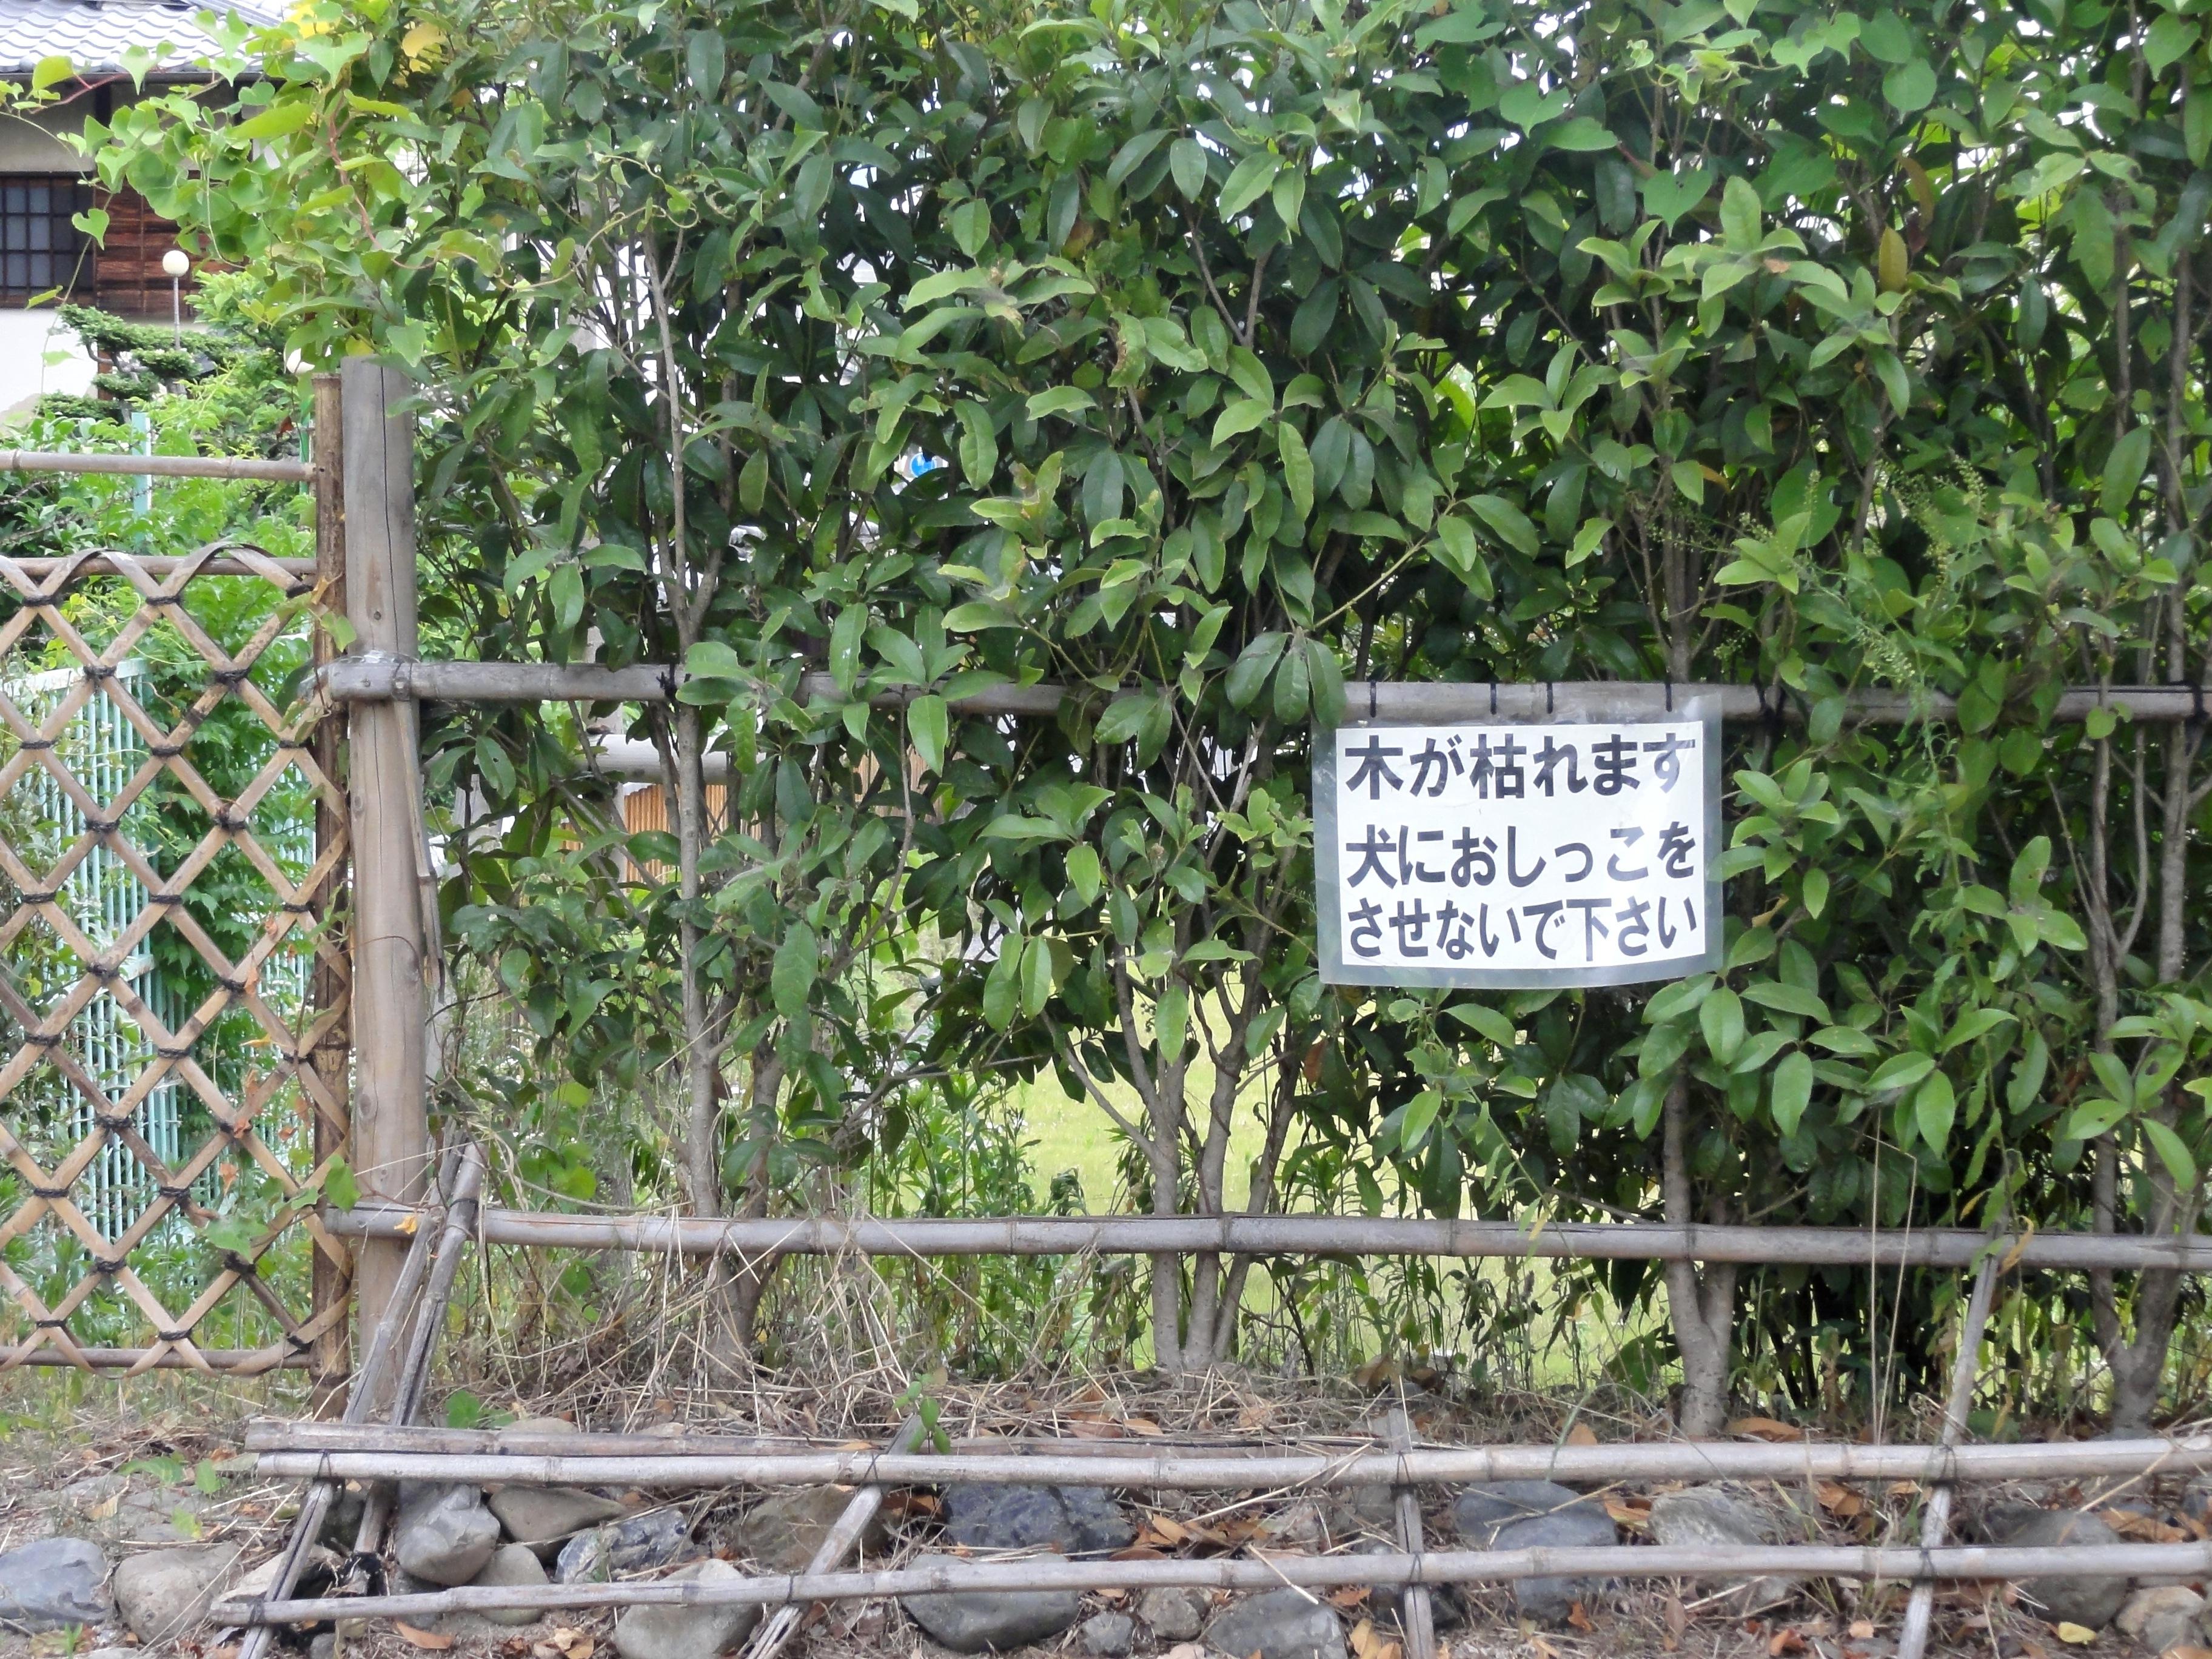 learn-kanji-Japanese-sign-kamogawa